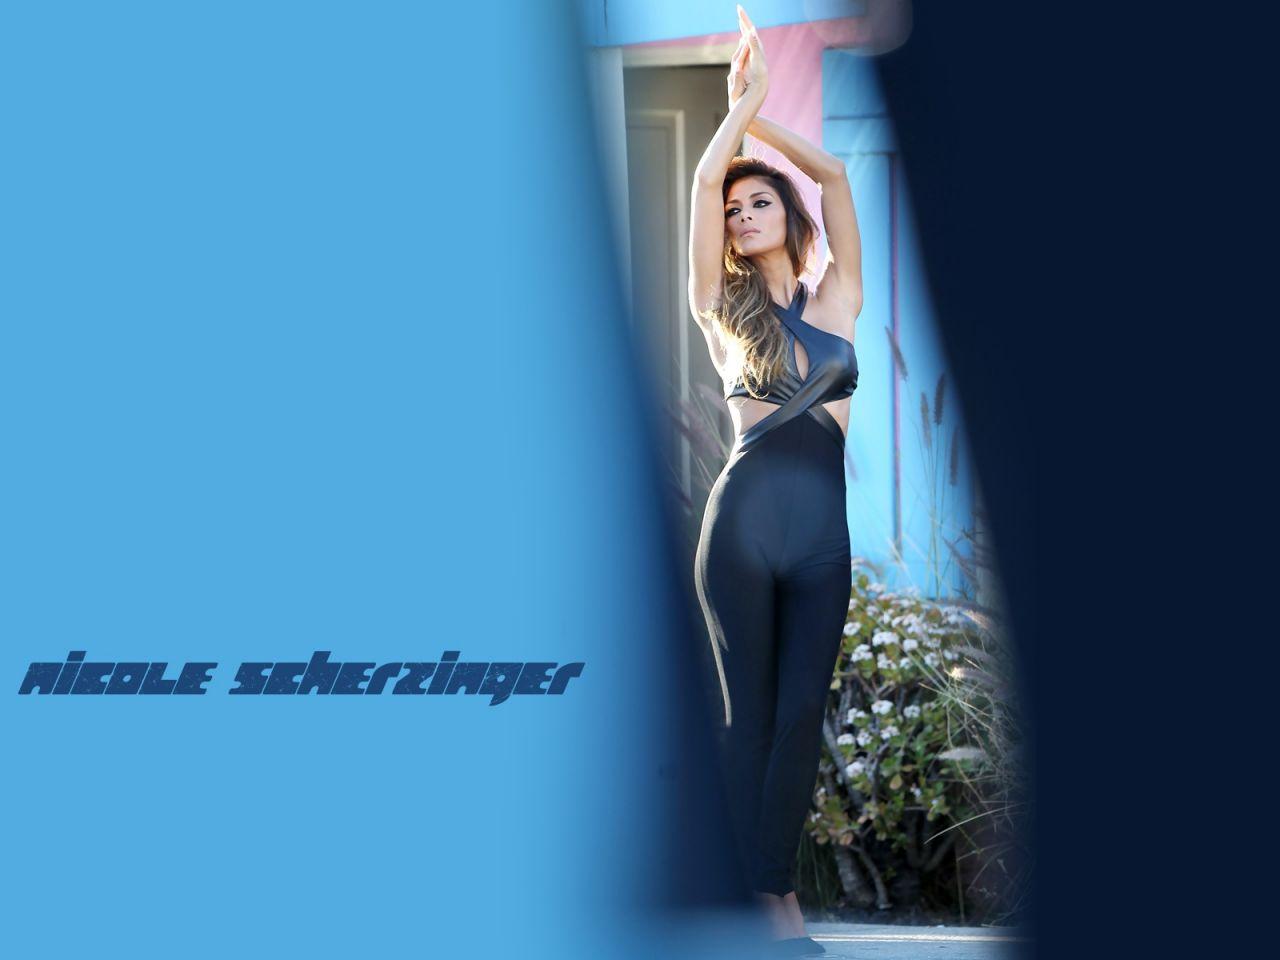 Nicole Scherzinger Wallpaper 2014 Nicole Scherzinger Wal...